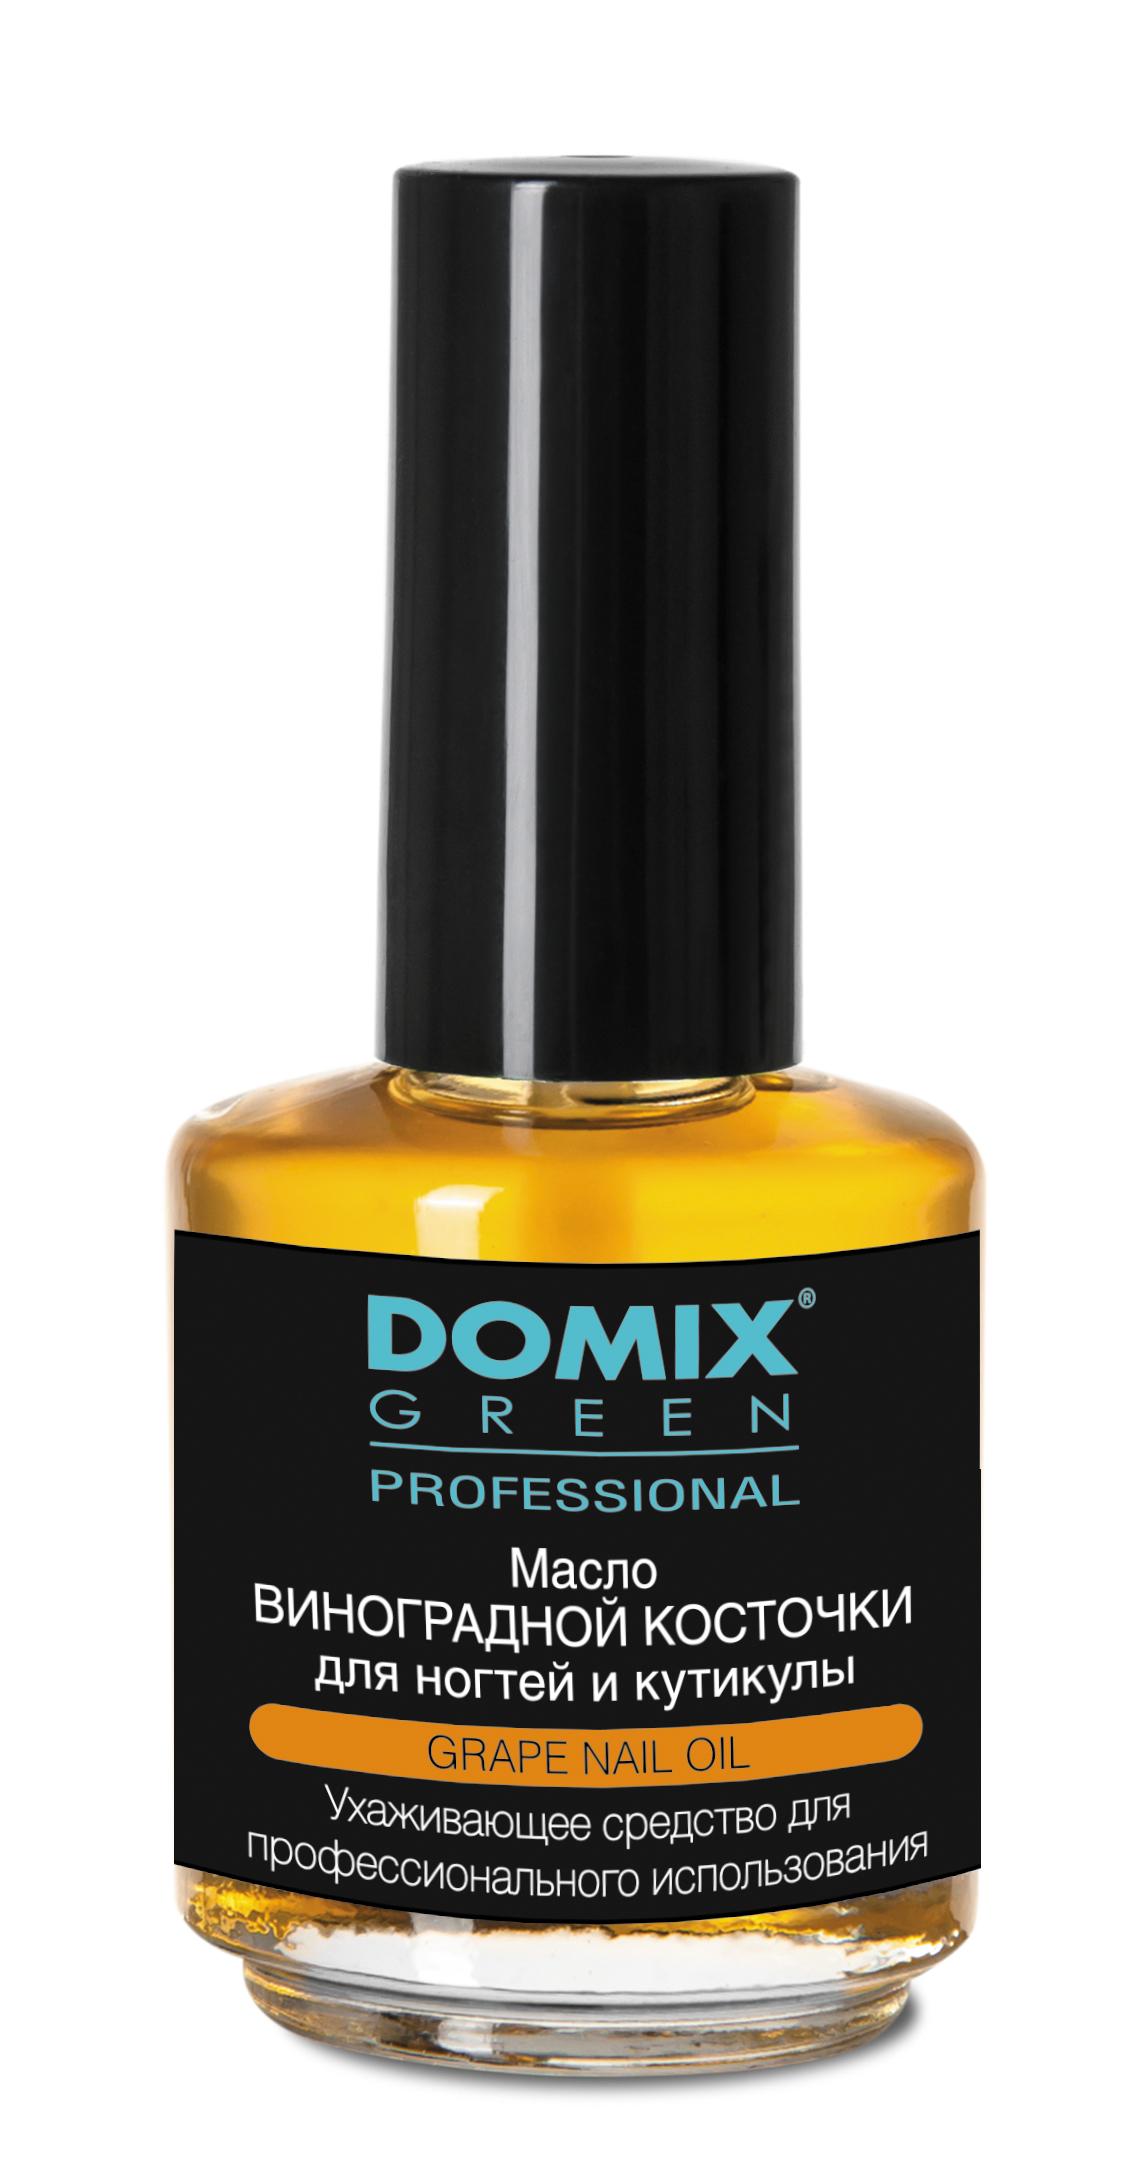 DOMIX Масло виноградной косточки для ногтей и кутикулы / DGP 17млДля кутикулы<br>Ухаживающее средство для маникюра для профессионального использования с маслом виноградной косточки и витаминами А, Е и F Масло виноградных косточек и специально введенный в состав витаминный комплекс останавливают воспалительный процесс ногтевого валика, защищают от трещин, увлажняют и смягчают околоногтевую зону. Защищают ногти от вредного воздействия внешних факторов, повышает упругость и эластичность. Средство быстро впитывается и не оставляет жирный след. Способ применения: нанести средство на ногтевую пластину и кутикулу. Перед нанесением лака тщательно смыть масло и обезжирить ногтевую пластину.<br><br>Назначение: Трещины